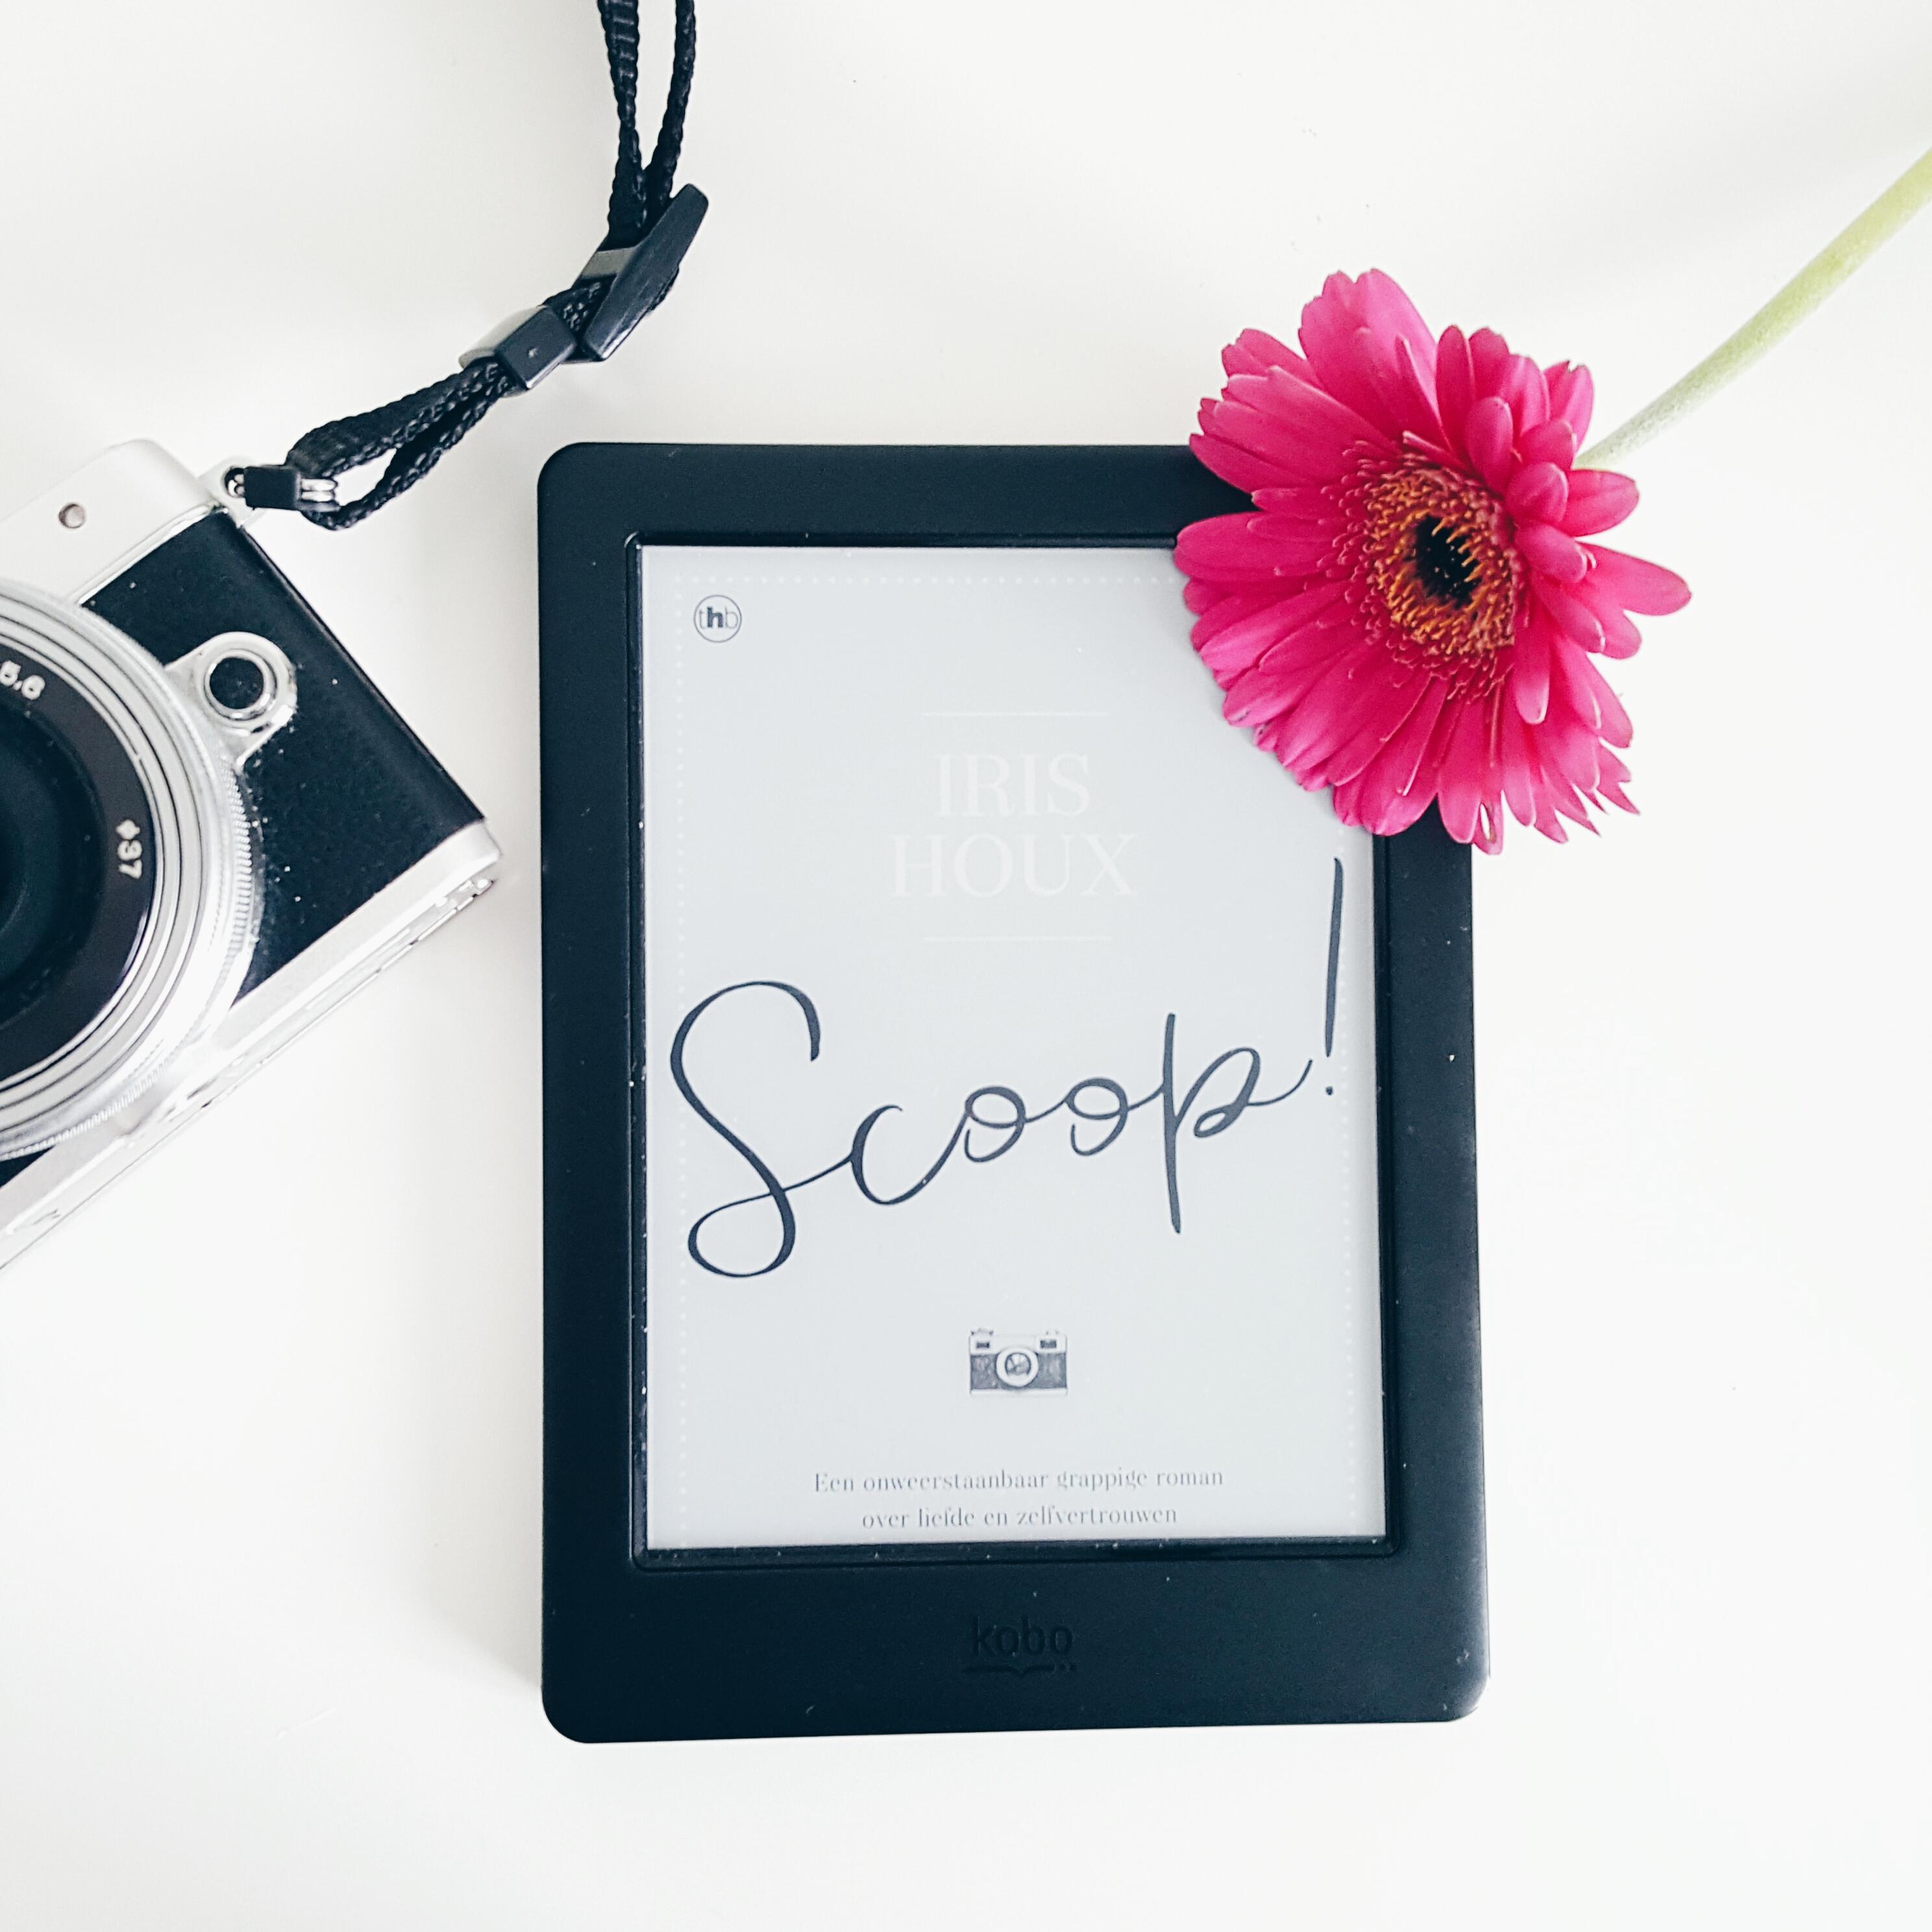 Scoop! van Iris Houx is een echte must read